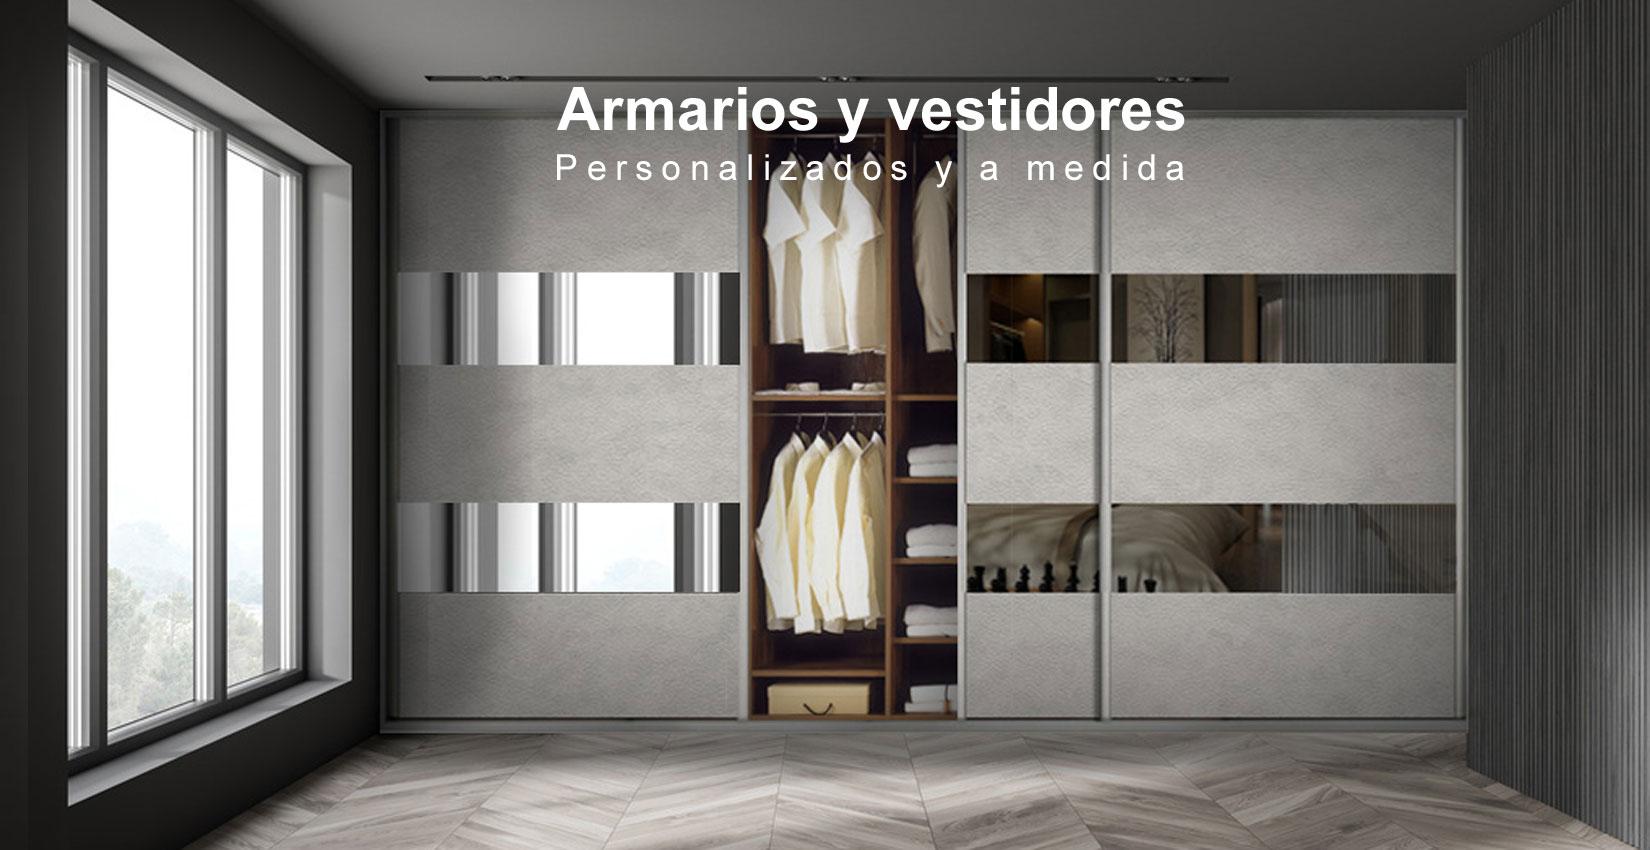 Armarios y vestidores personalizados